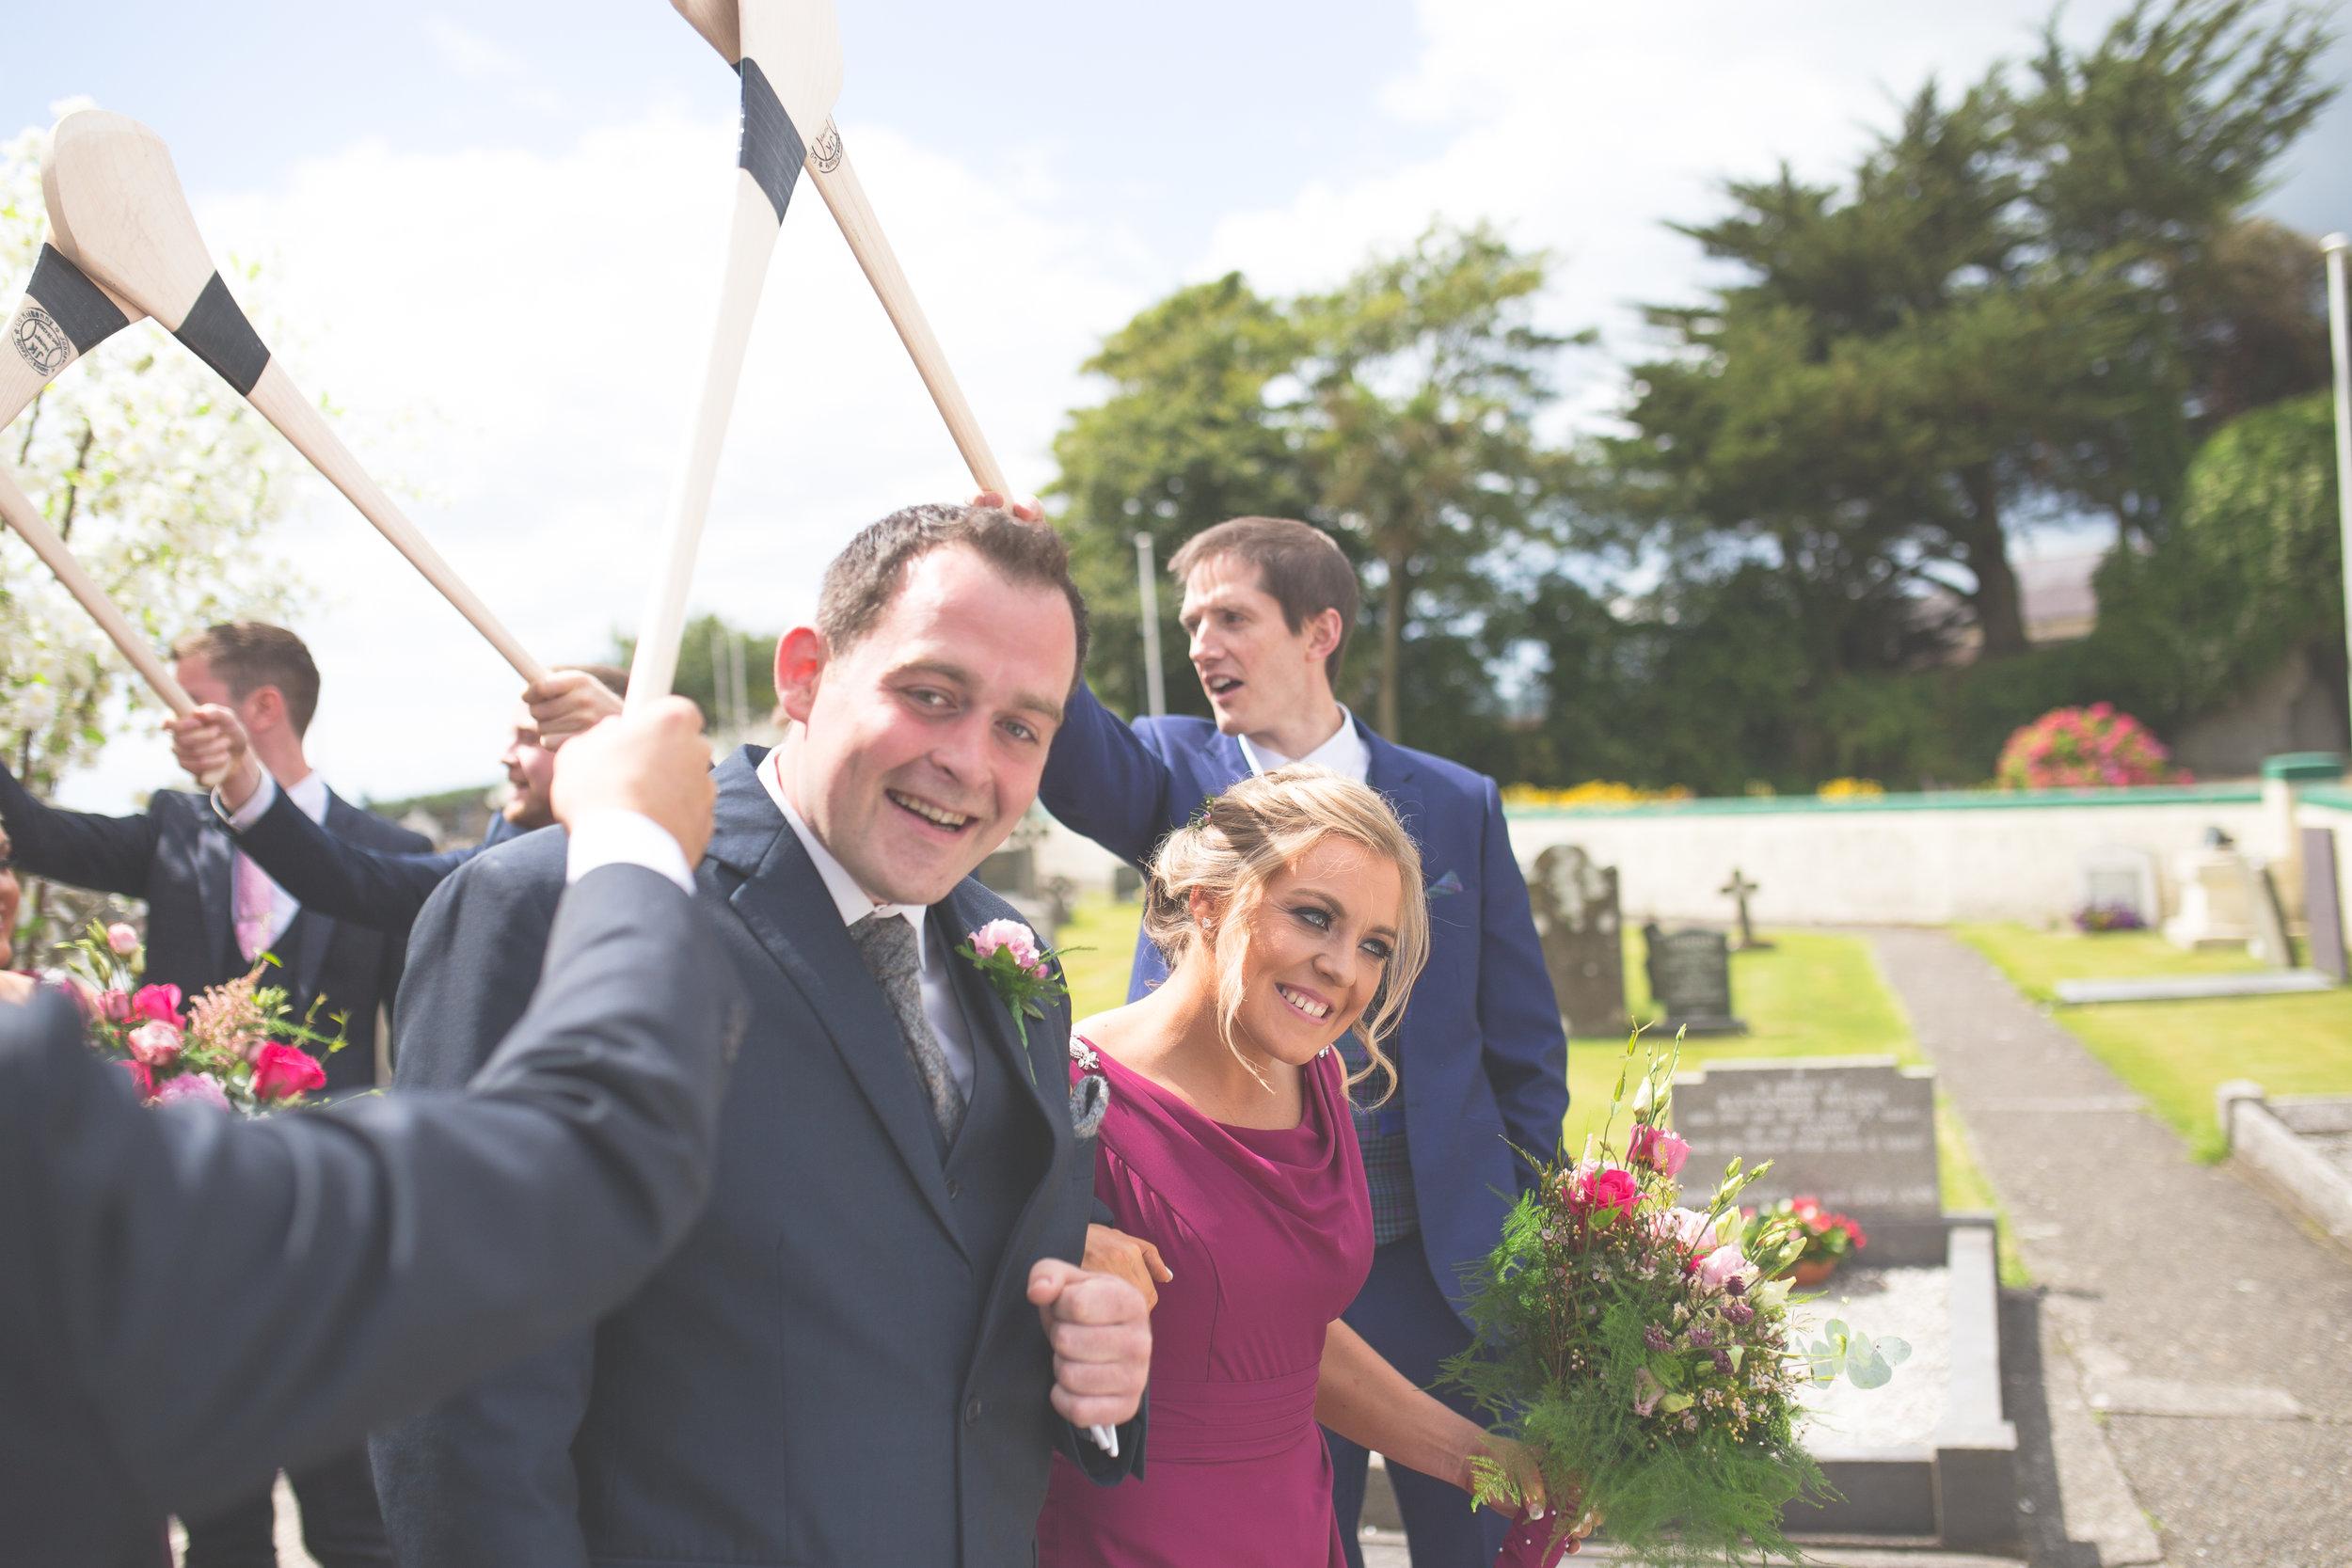 Brian McEwan Wedding Photography   Carol-Anne & Sean   The Ceremony-94.jpg